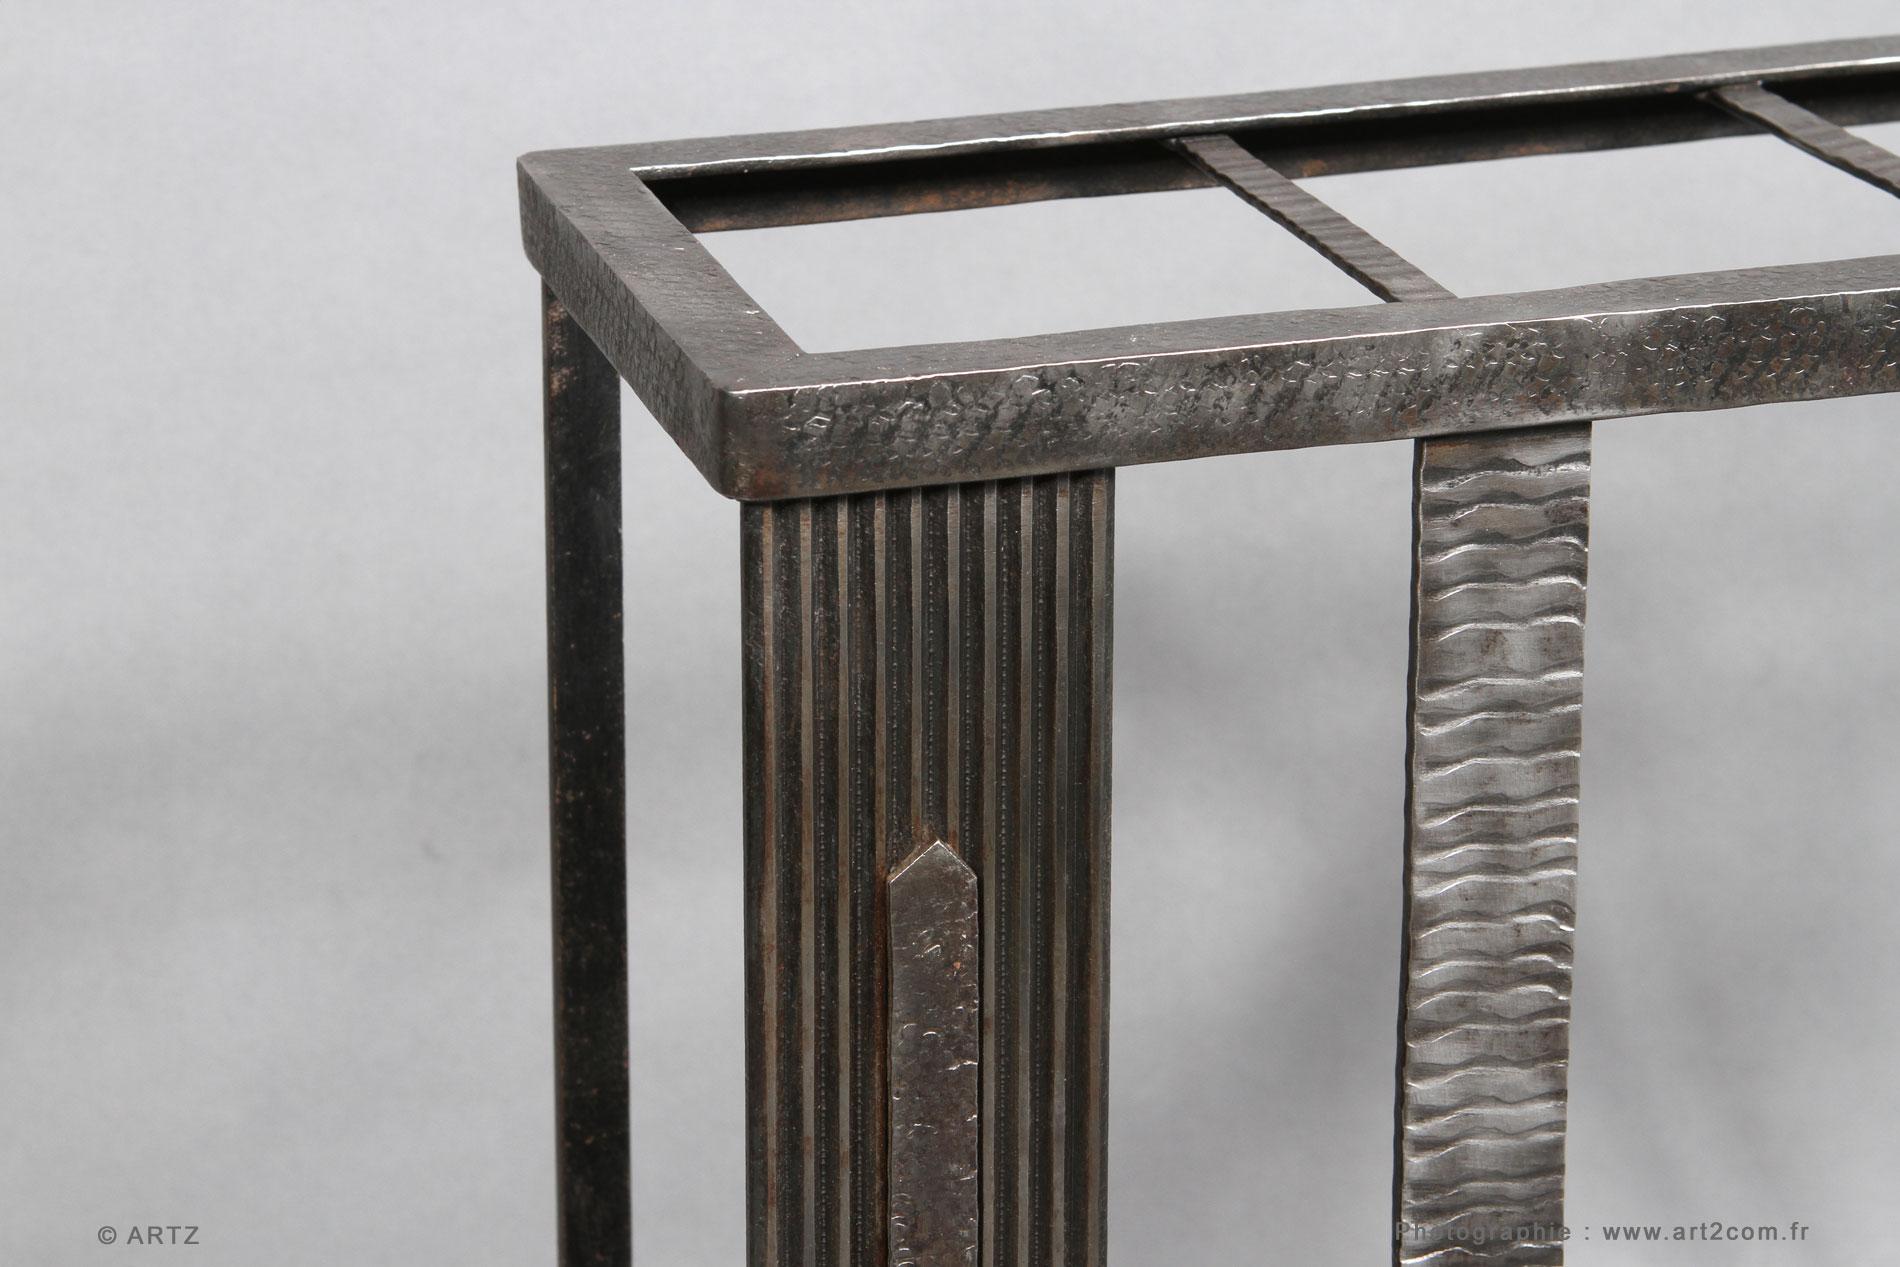 Artz sp cialiste art d co lustres vases coupes meubles for Meuble porte parapluie